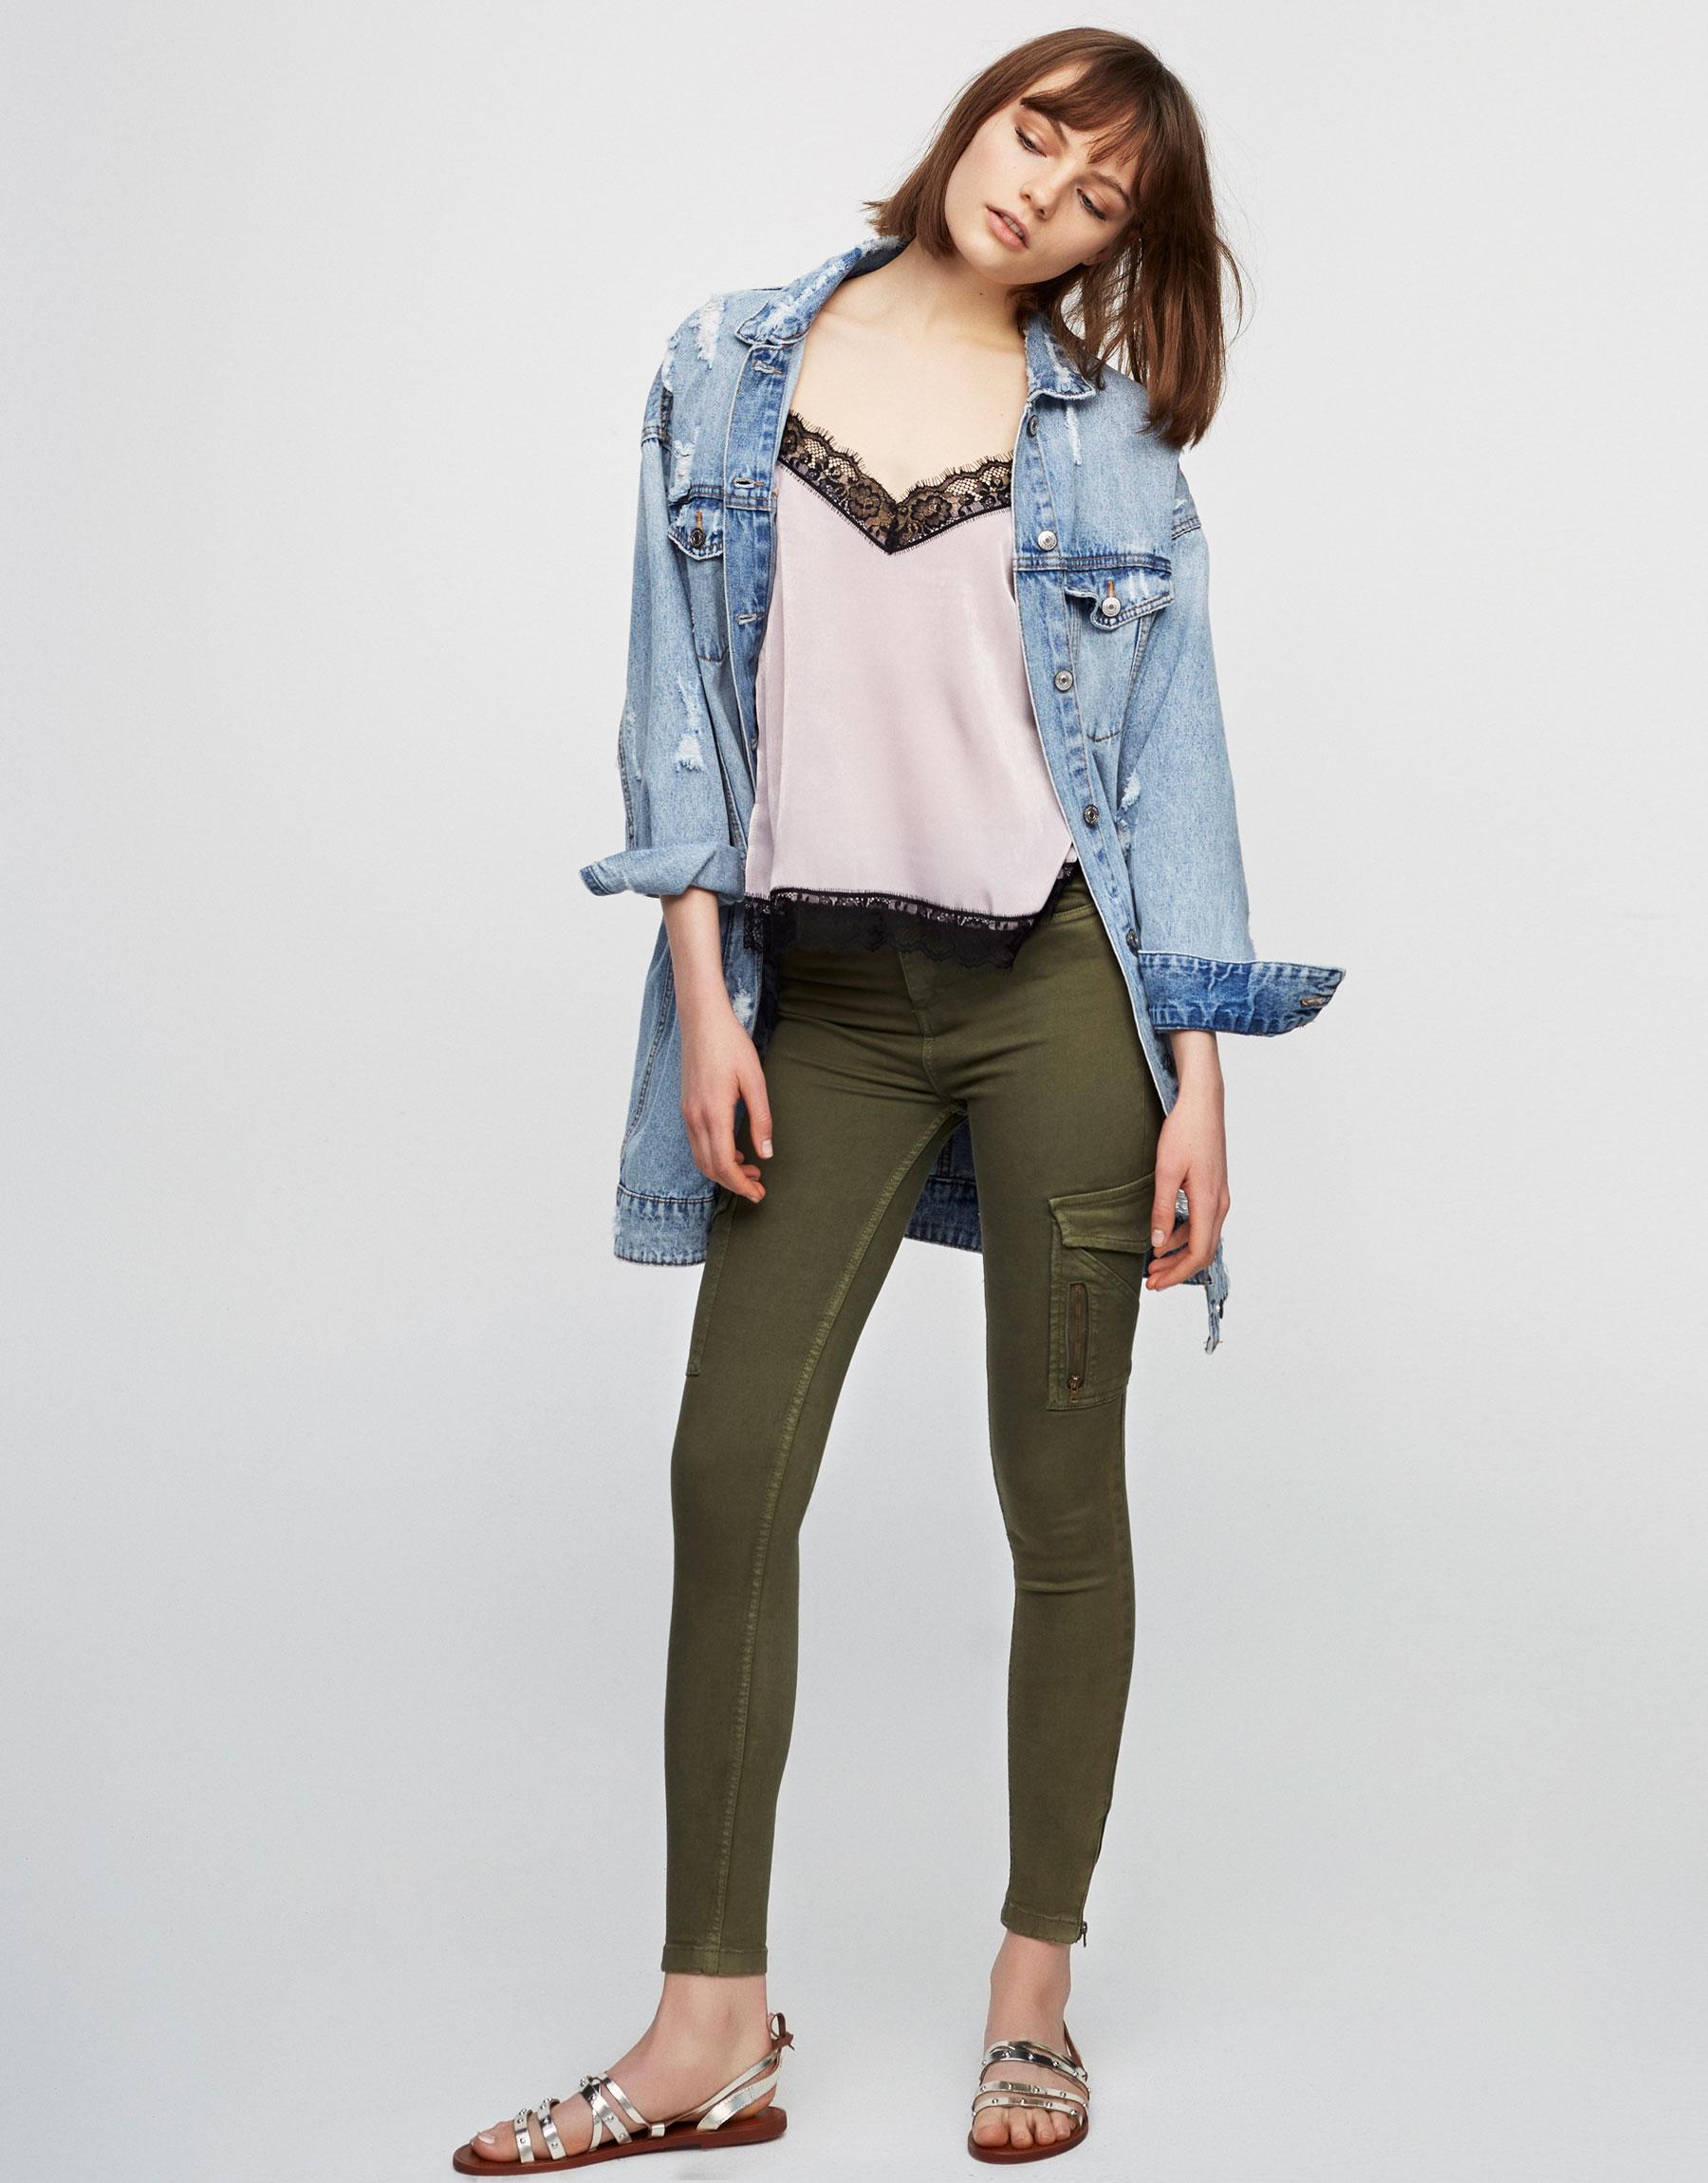 Pantalons skinny de butxaques